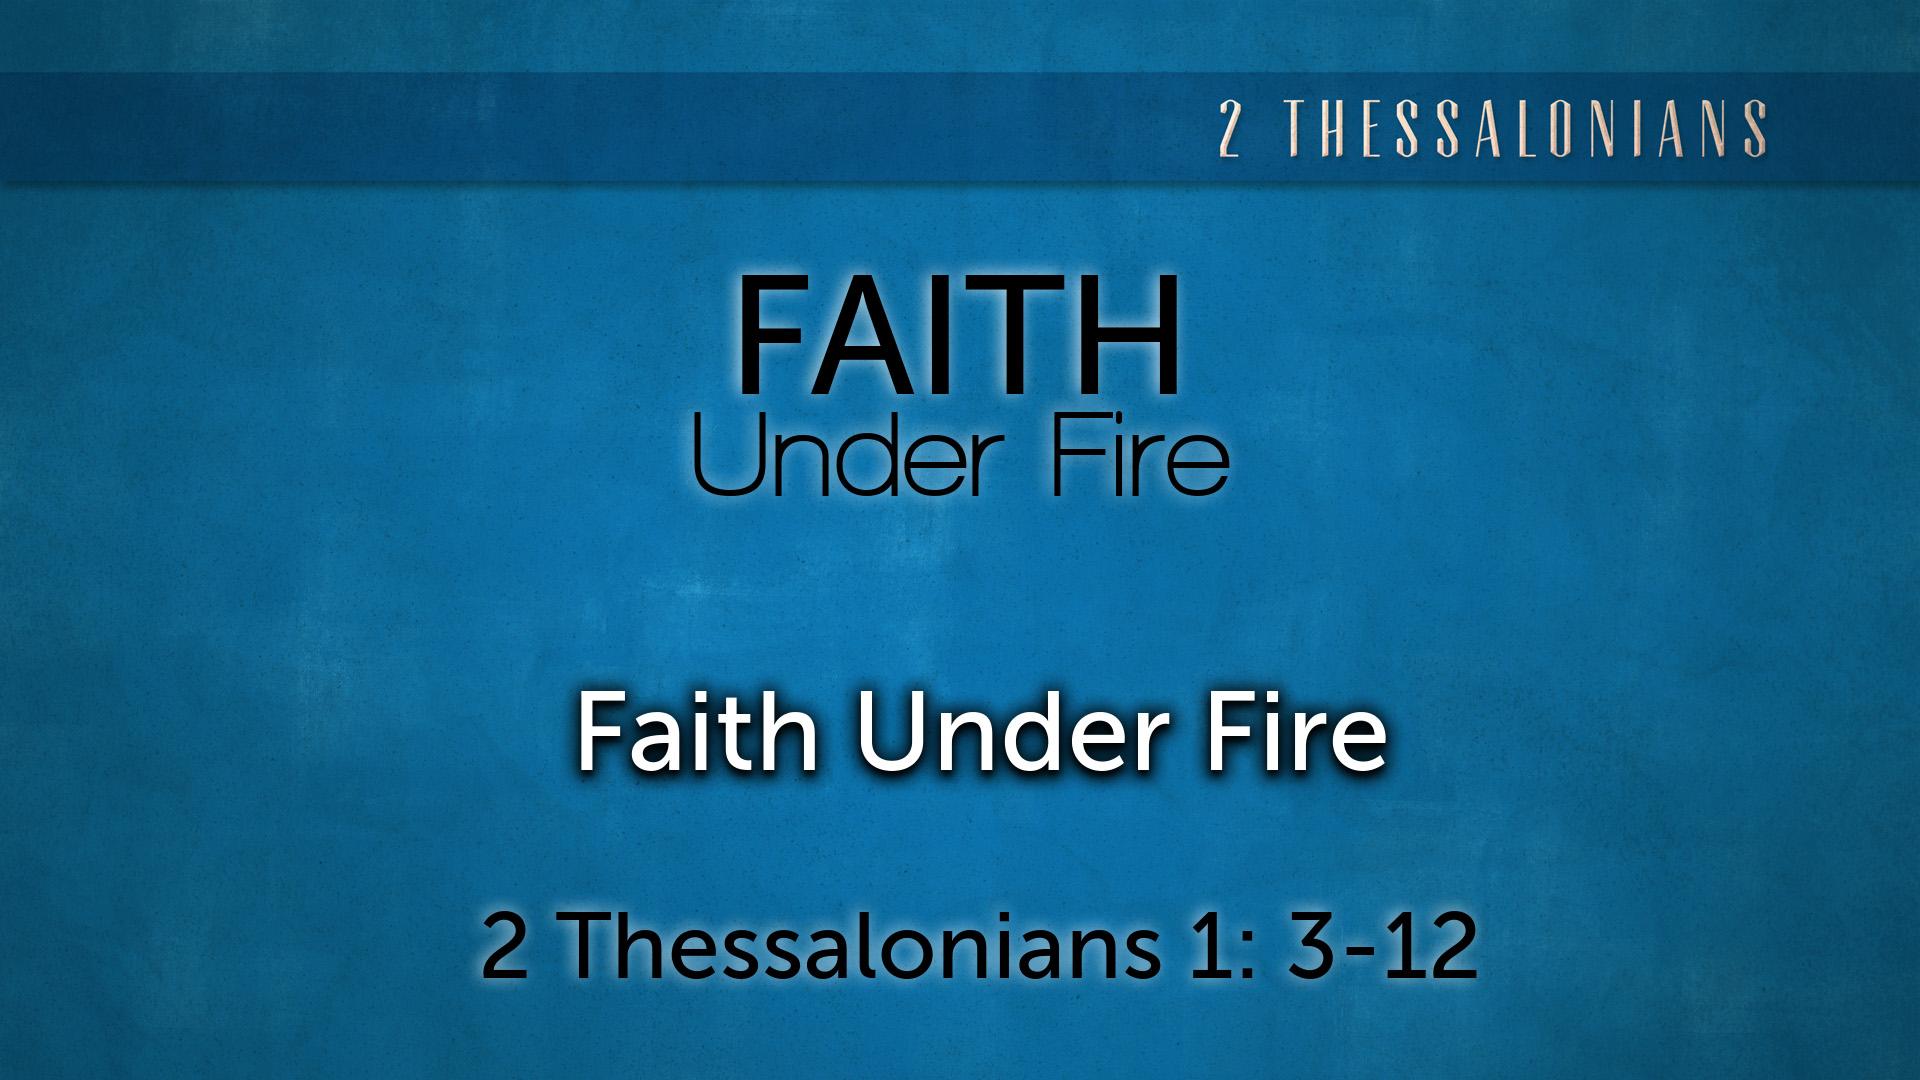 Image for the sermon Faith Under Fire